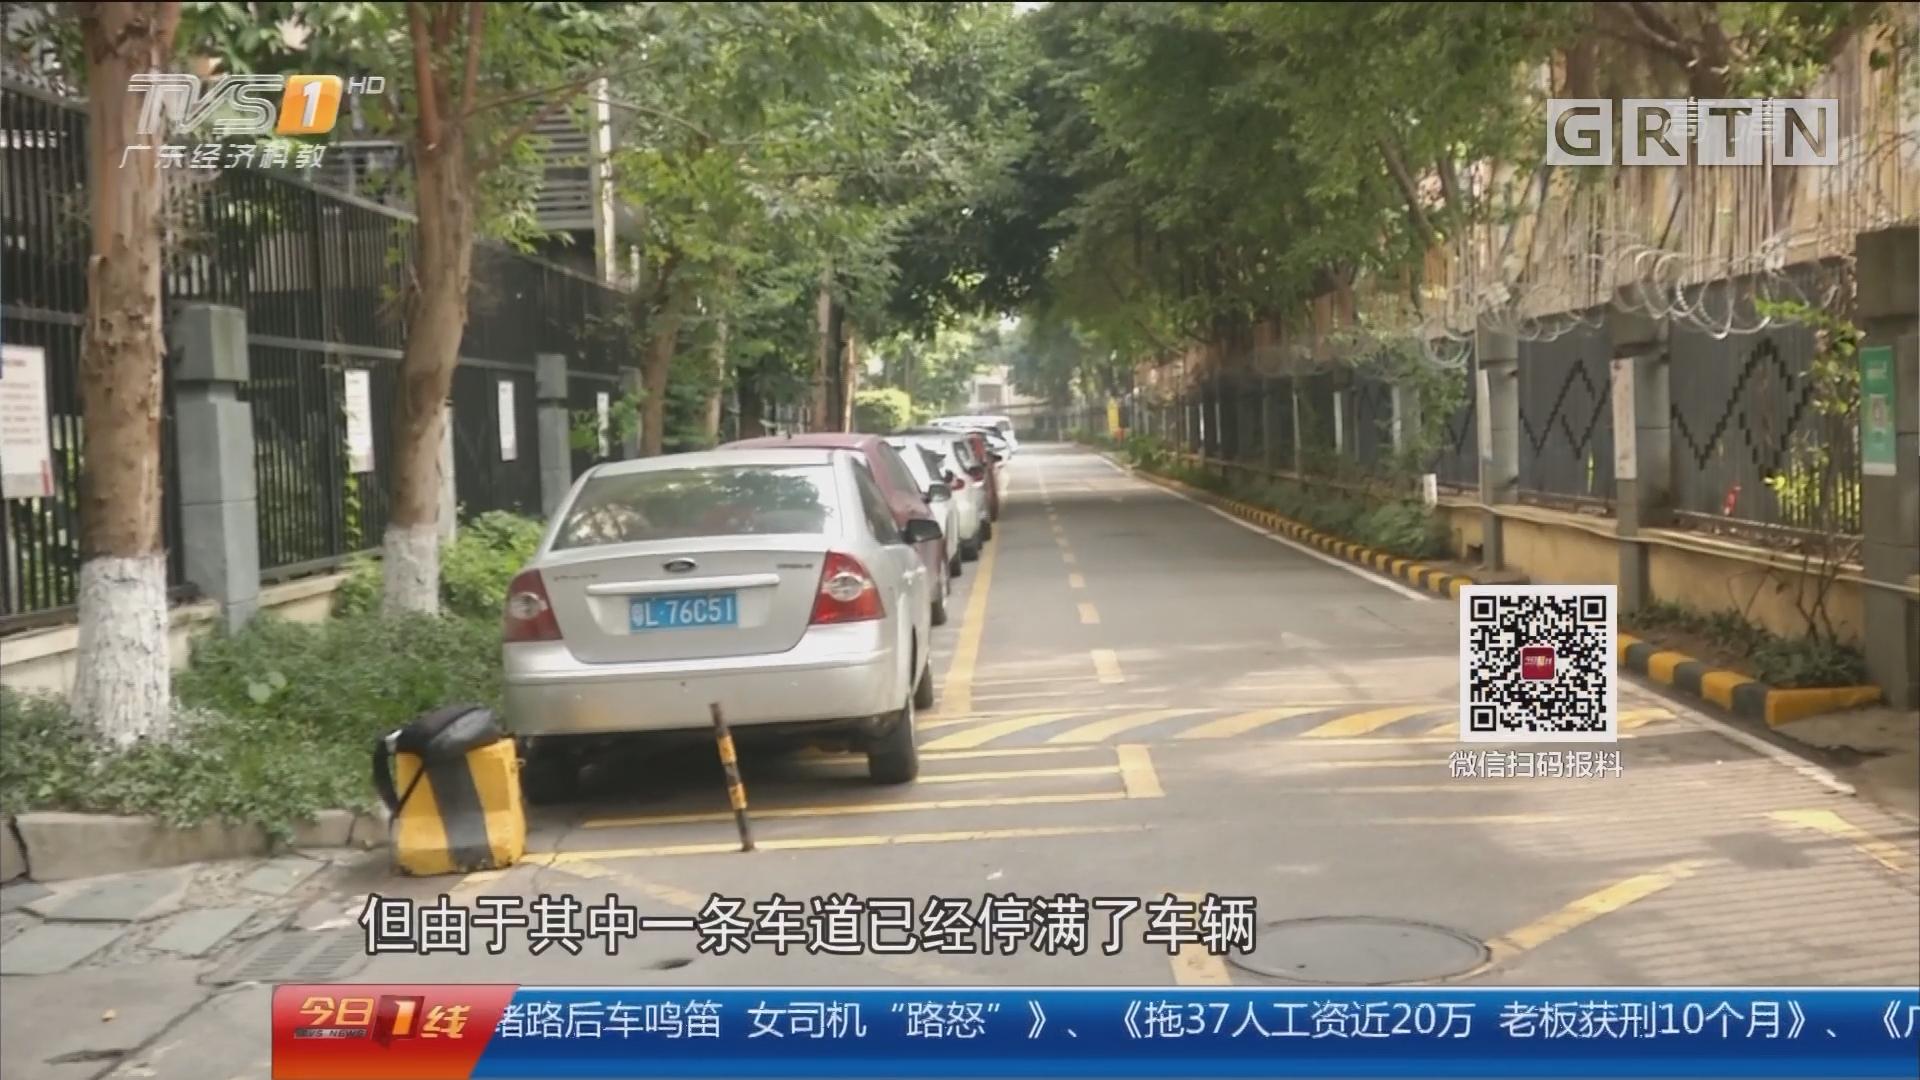 """广州黄埔:前车堵路后车鸣笛 女司机""""路怒"""""""